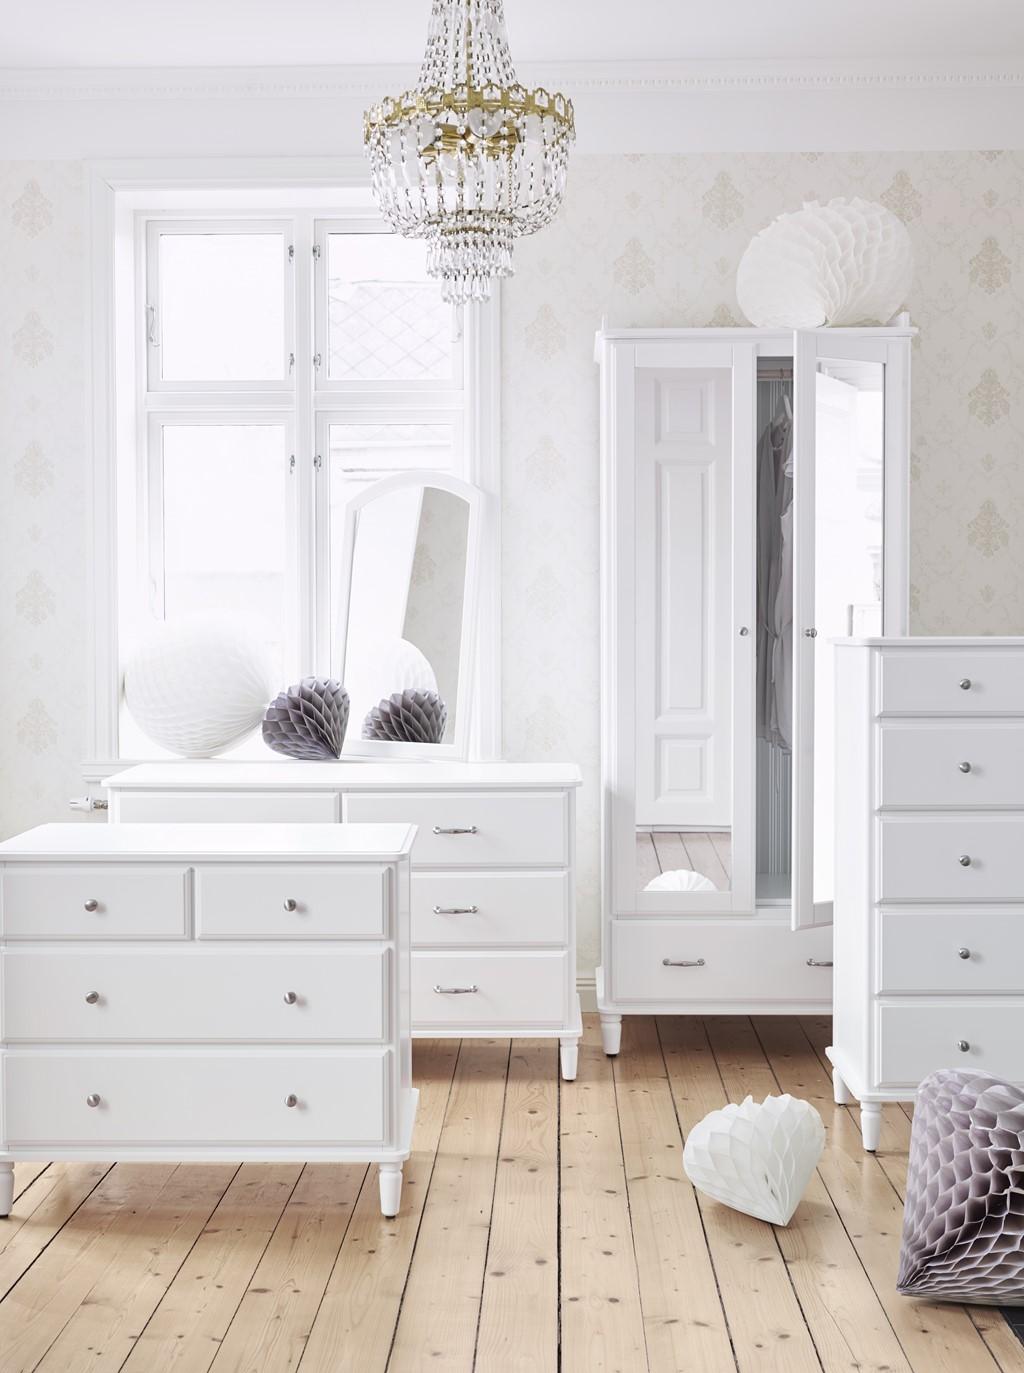 Muebles de interior y exterior de ikea para la primavera 2015 - Muebles de exterior ikea ...